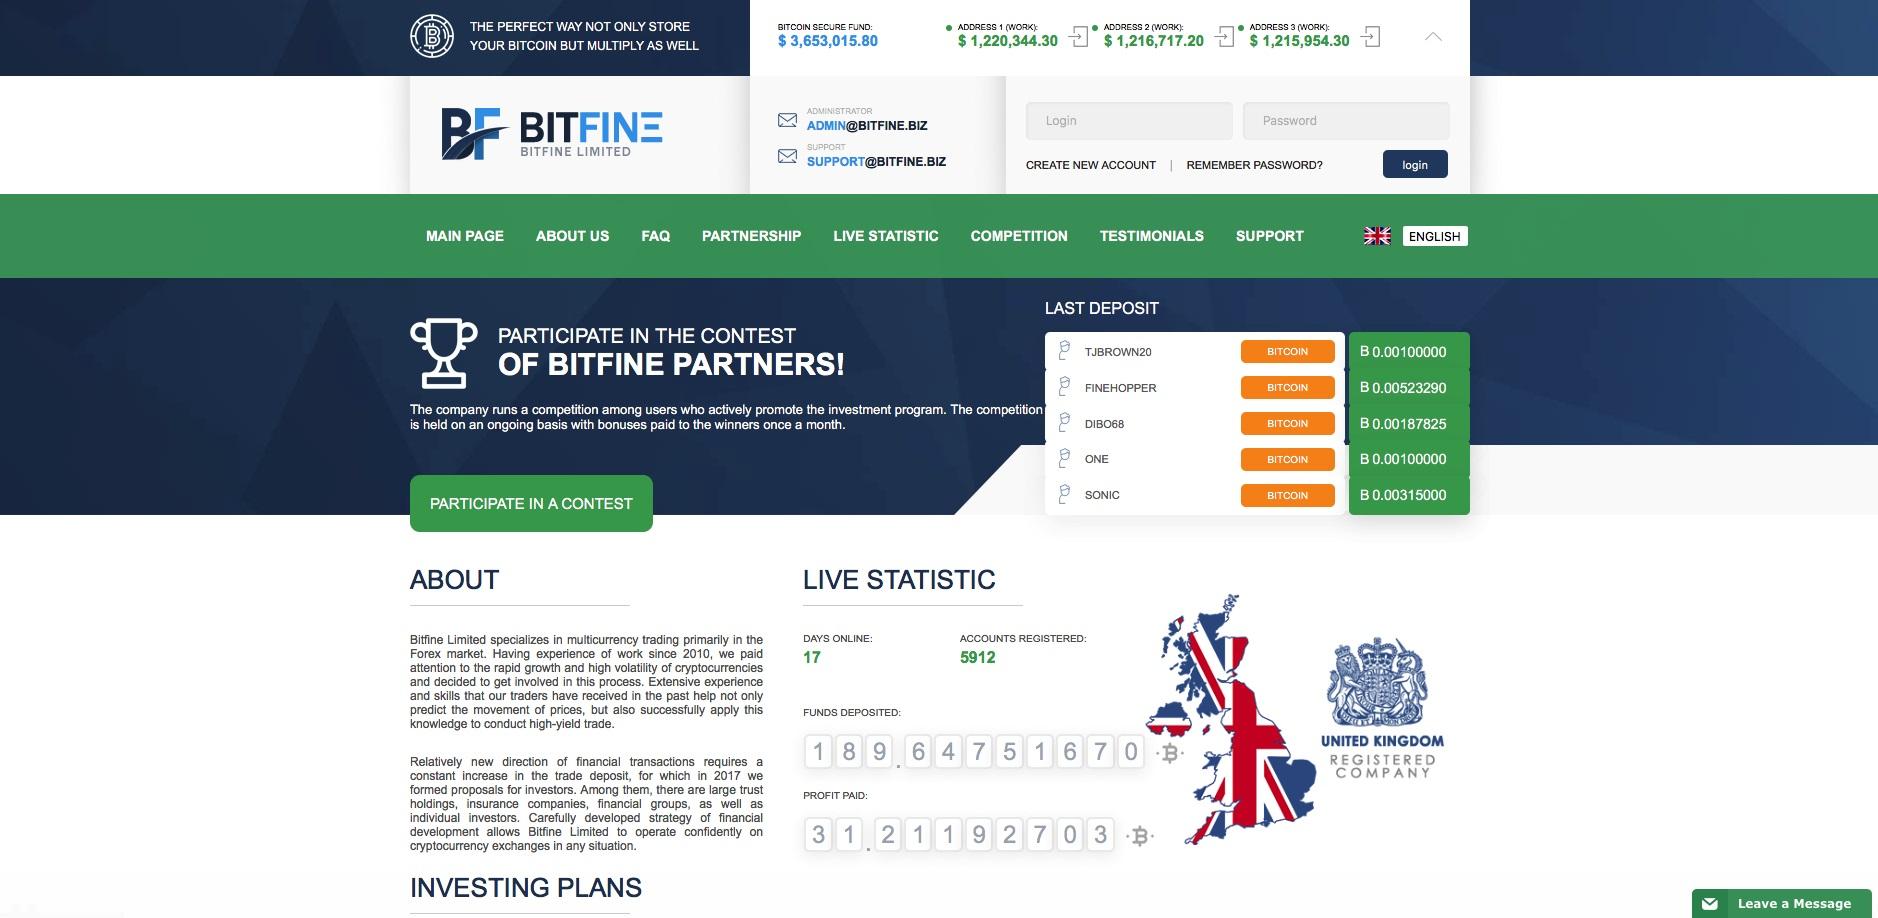 bitfine.biz - BitFine